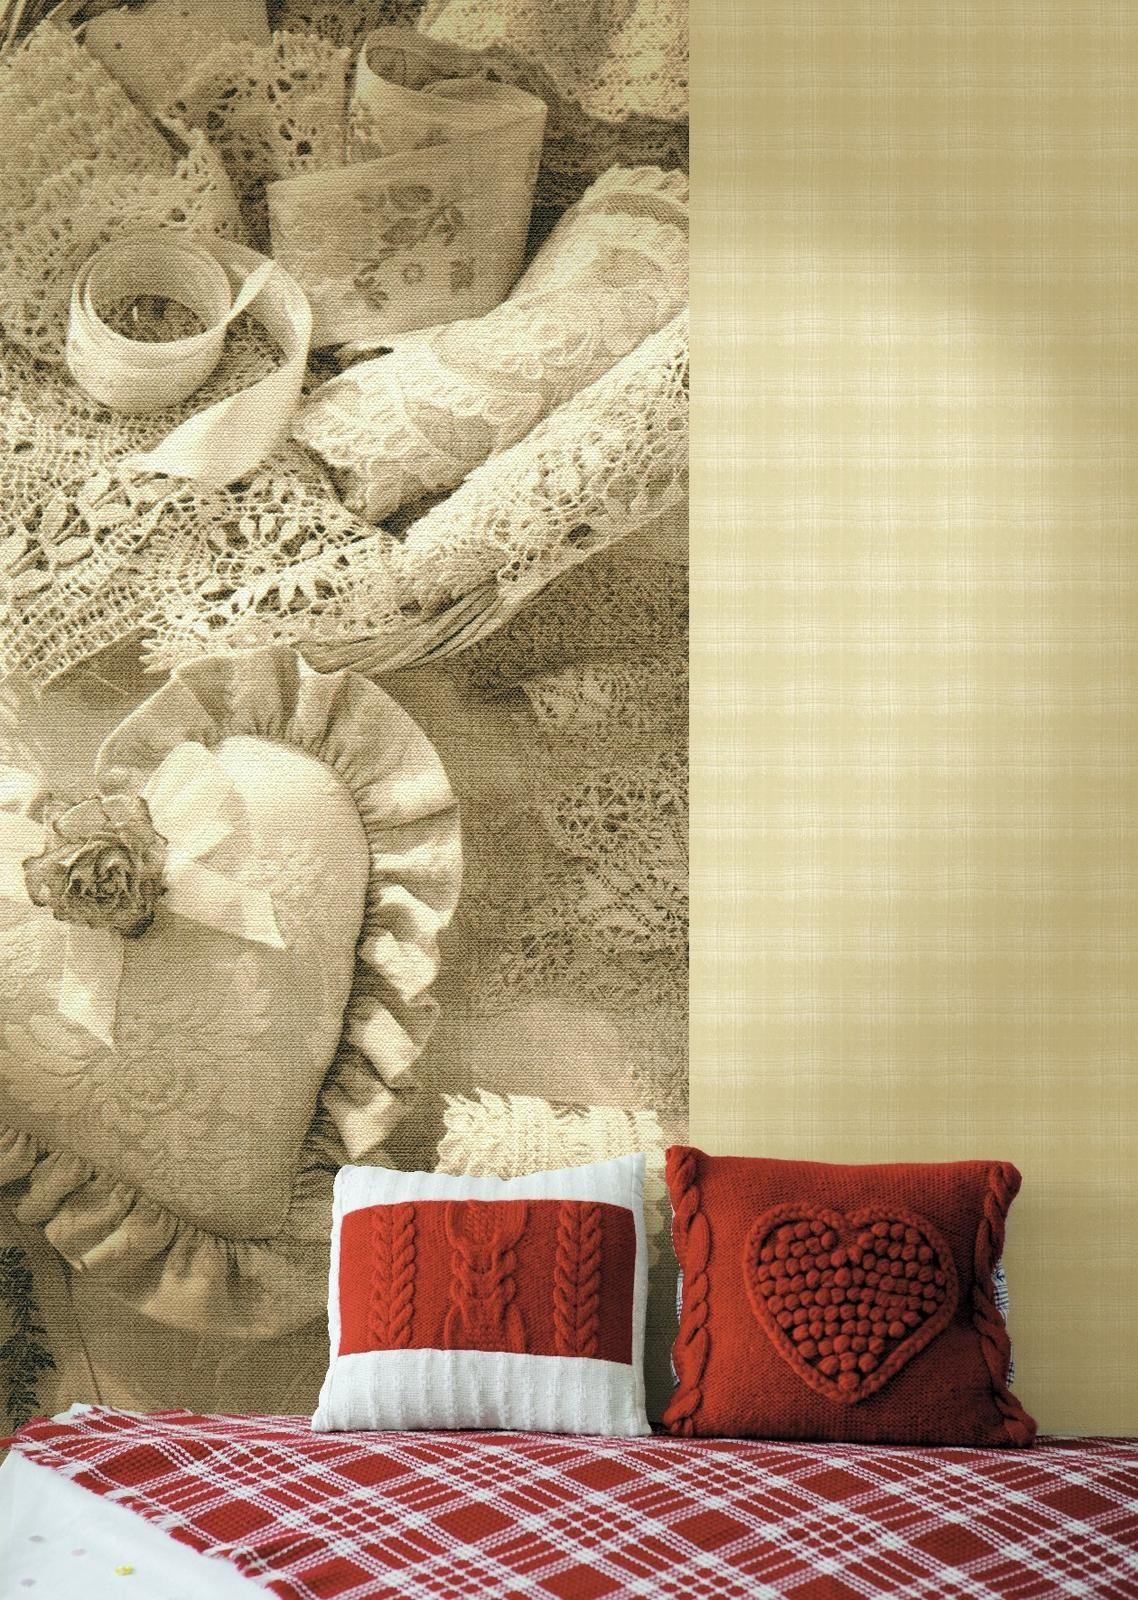 Vintage Wallpaper Decoration For Room Interior 5 steps of decorating ...